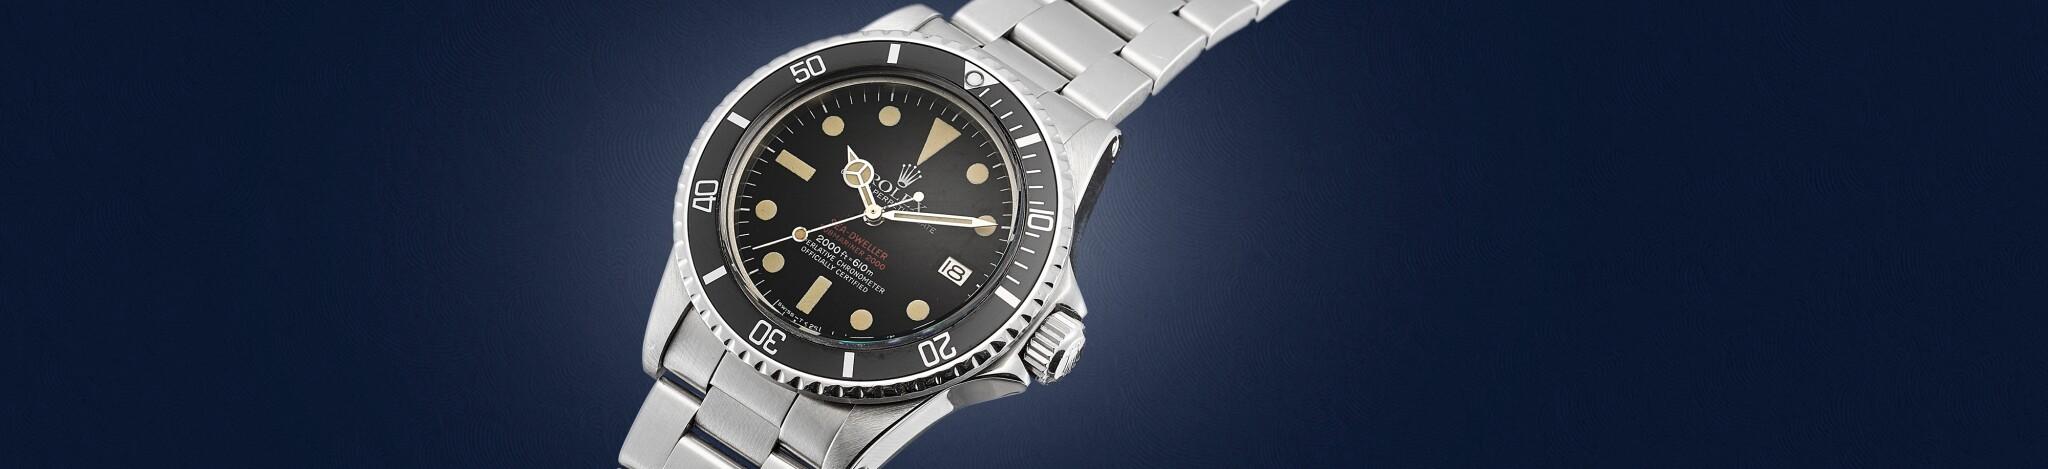 Watches Weekly | Rolex, Patek Philippe & Audemars Piguet